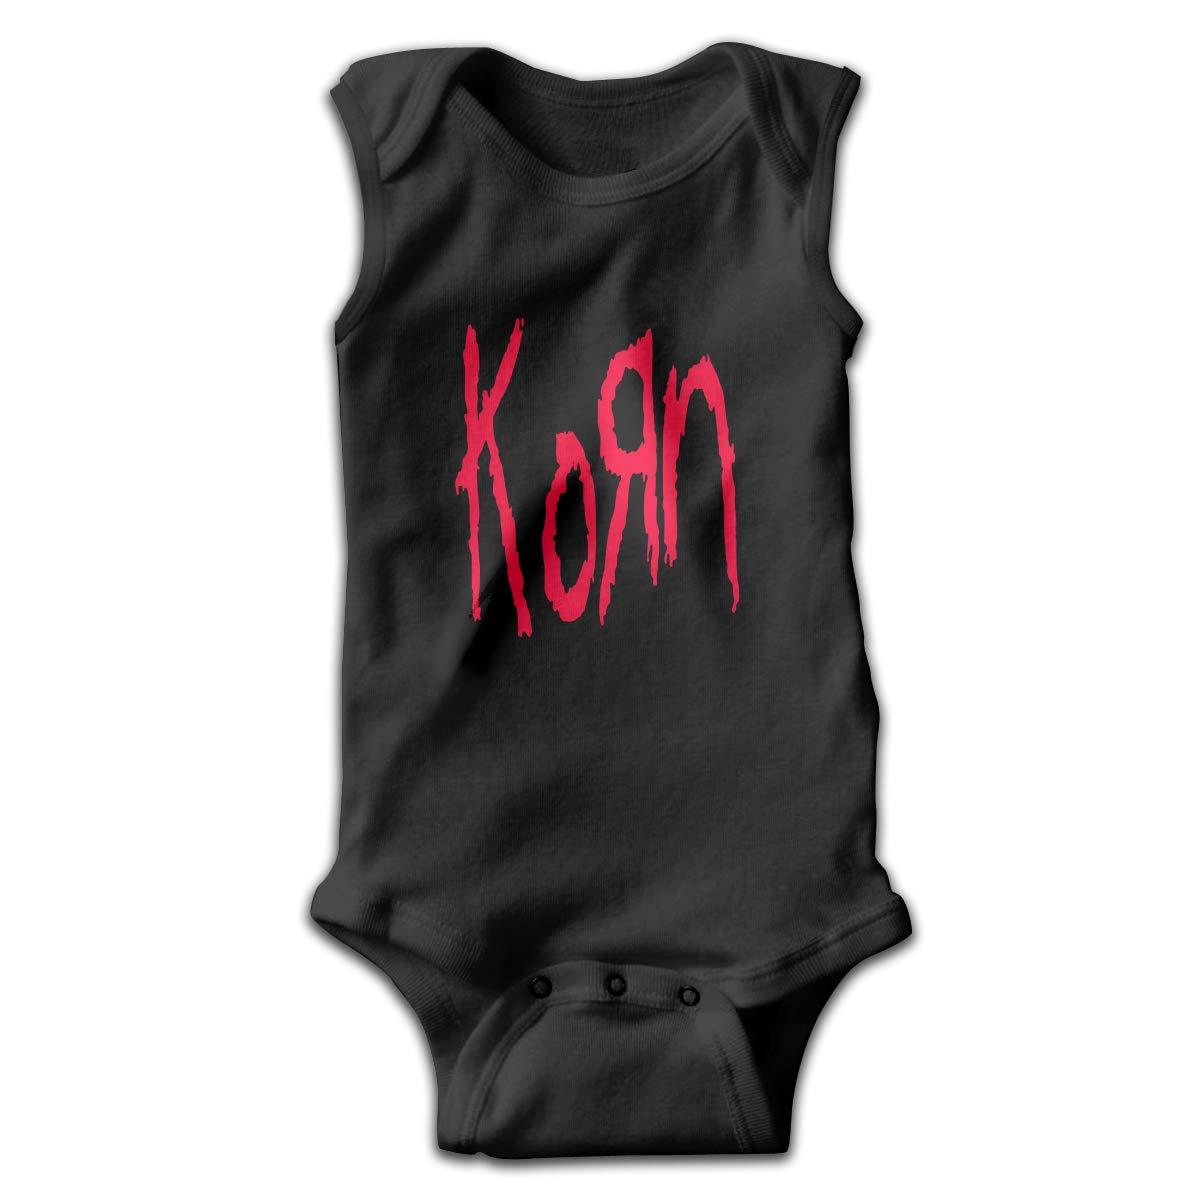 H-Softsneakers Korn Sleeveless Nursling Jumpsuit Cute Onesie Summer Bodysuits